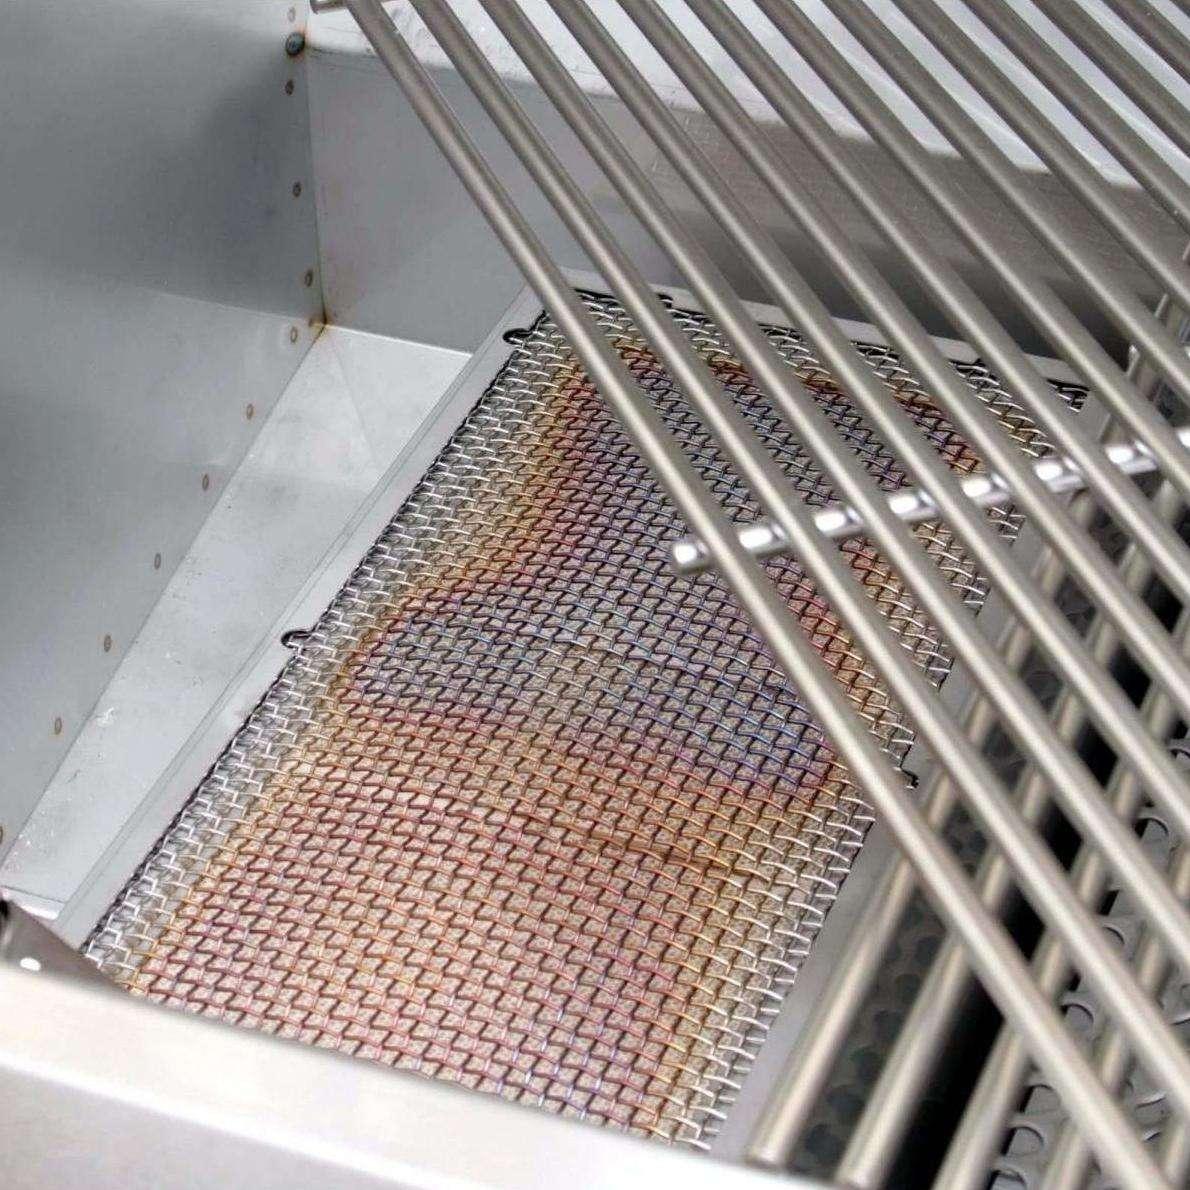 Fire Magic Echelon Diamond E1060s Gas Grill - Infrared Burner